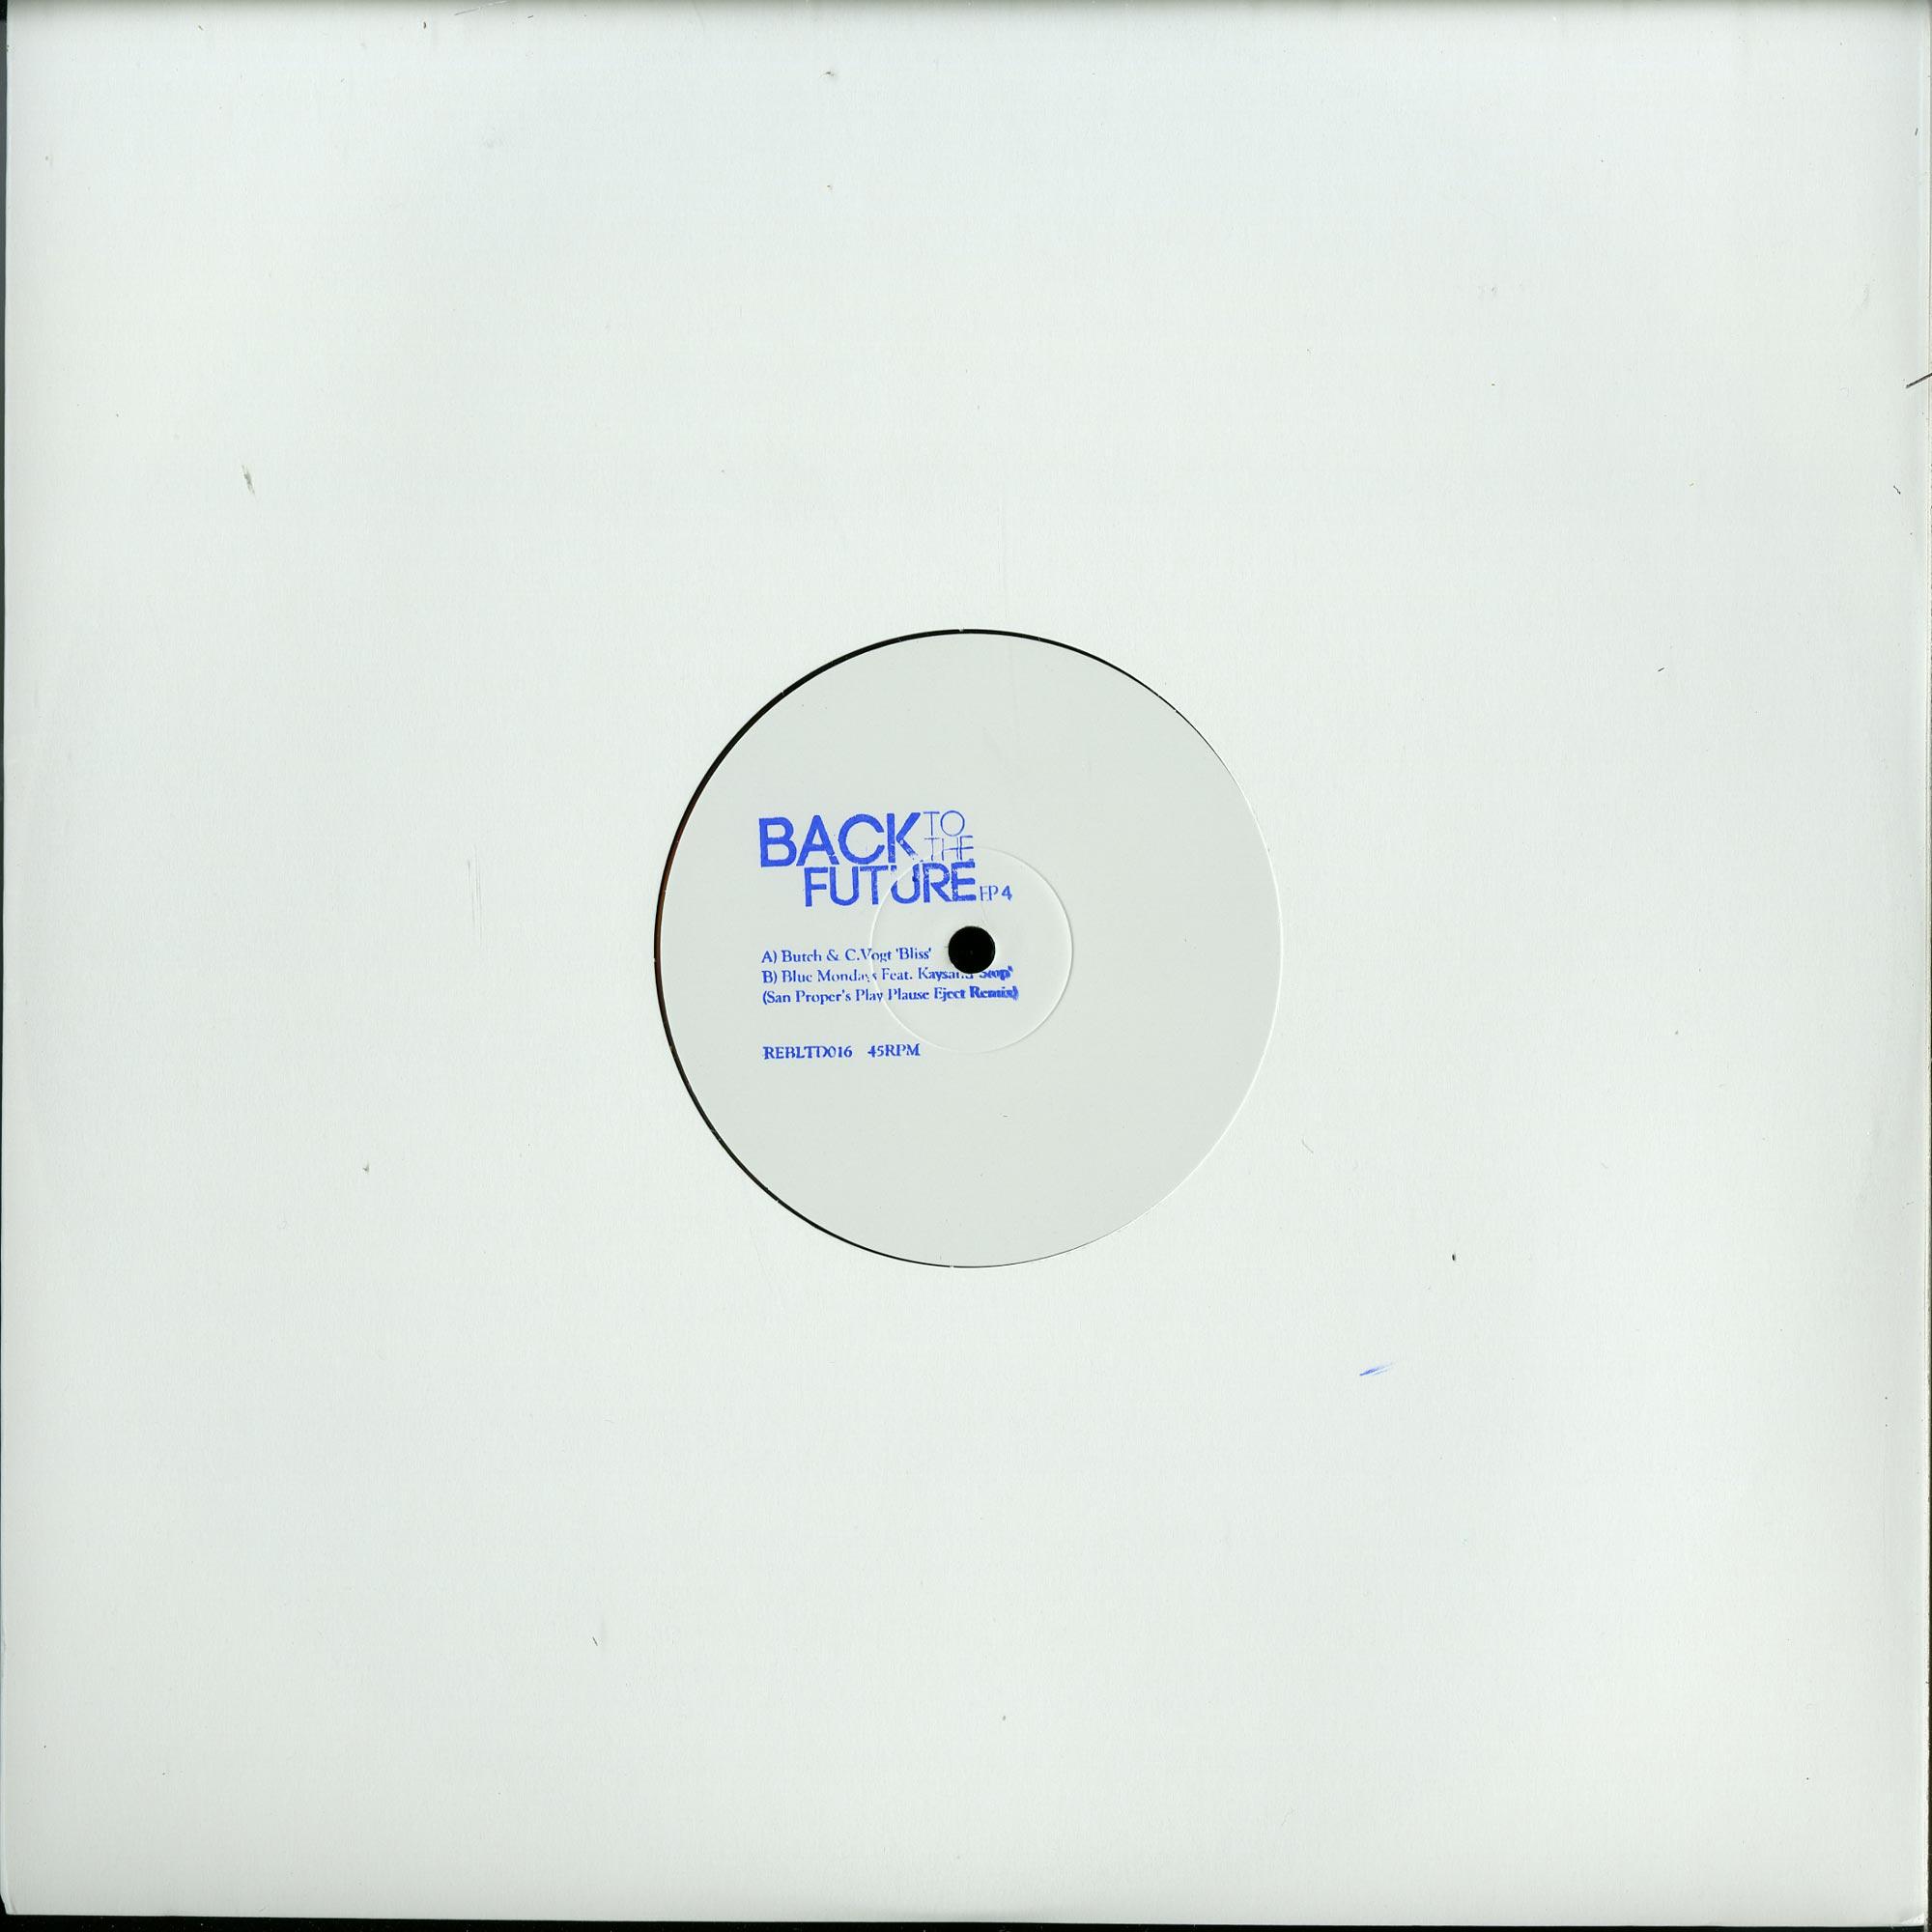 Butch & Criss Vogt / San Proper. Blue Mondays - BACK TO THE FUTURE EP 4